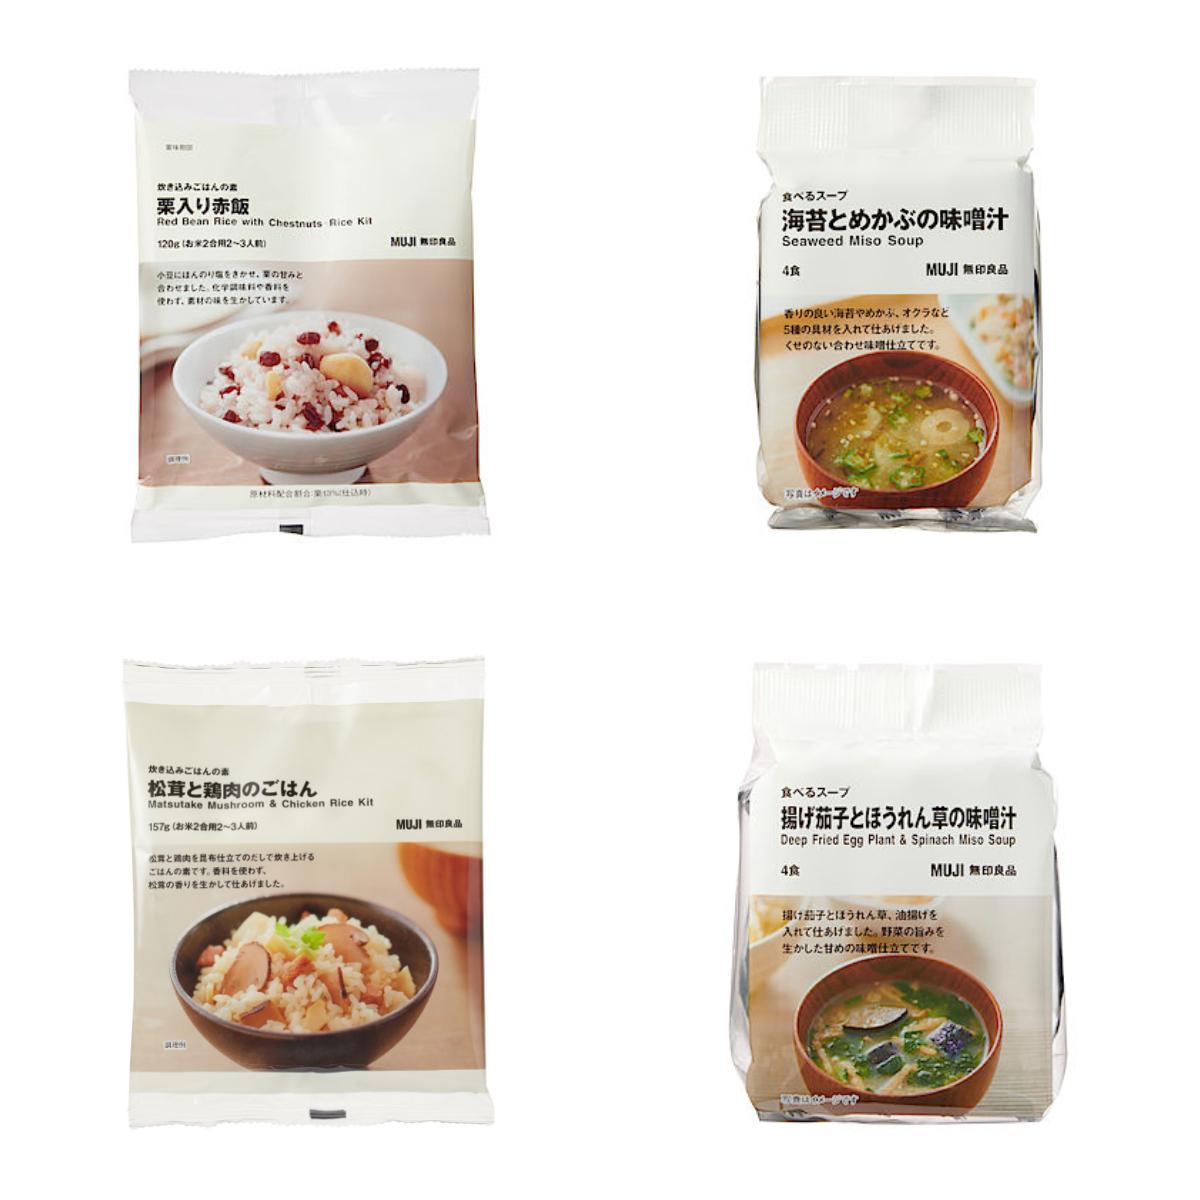 『無印良品』の秋のおすすめレトルト食品6選! 時短自炊で本格派な味に必要なのは、炊飯器とケトルだけ_1